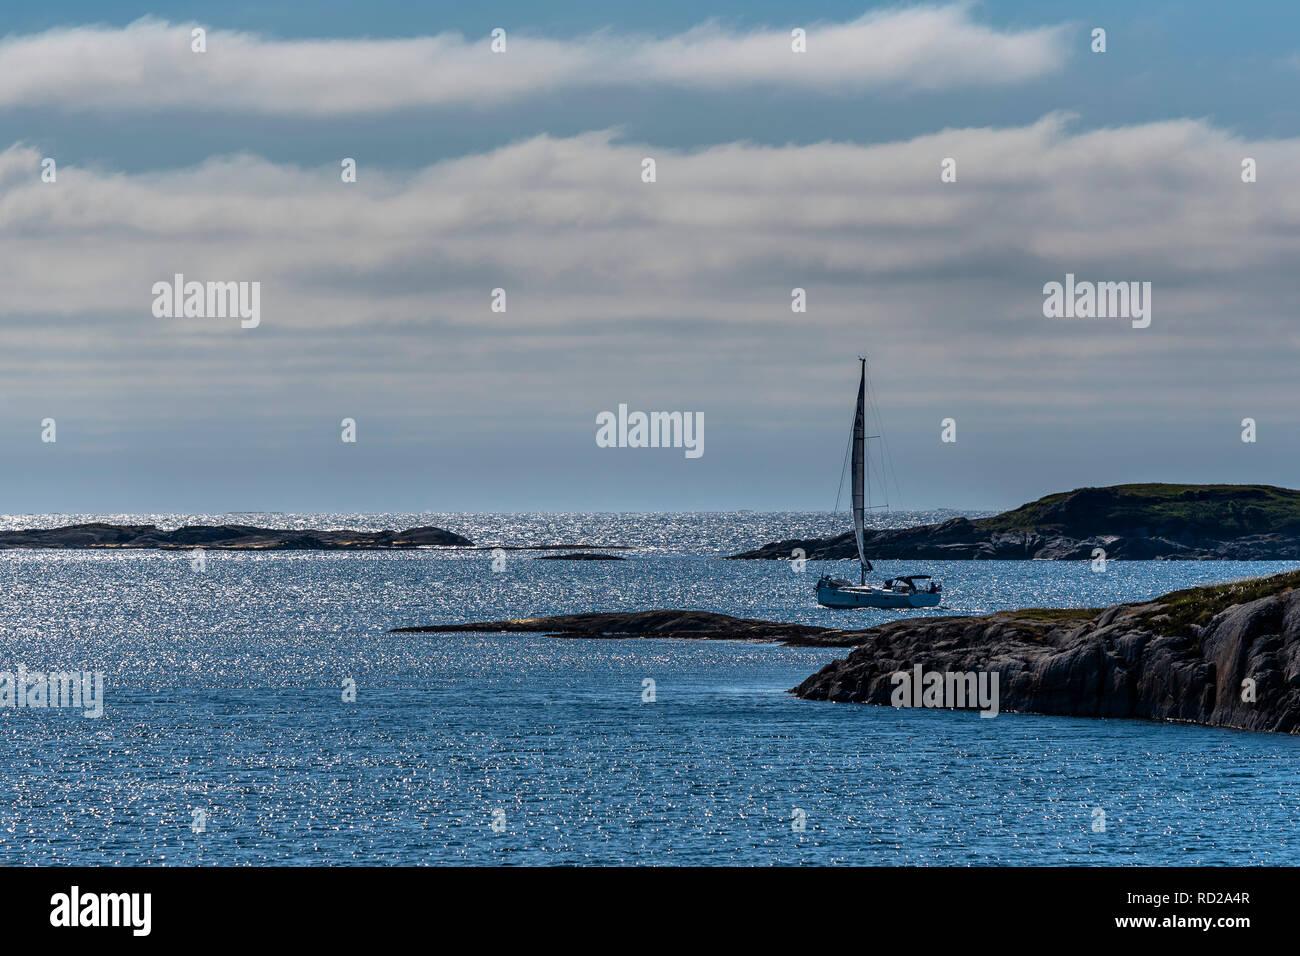 Samotna żaglówka na błyszczącym granatowym oceanie pomiędzy wysepkami pod zachmurzonym niebem. Norwegia, okolice Bud. - Stock Image